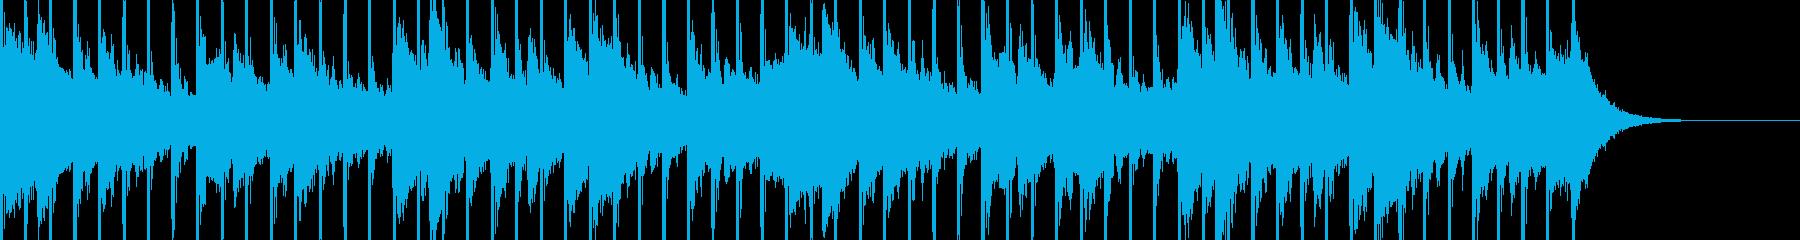 未来の希望に向かって走り出す30秒verの再生済みの波形